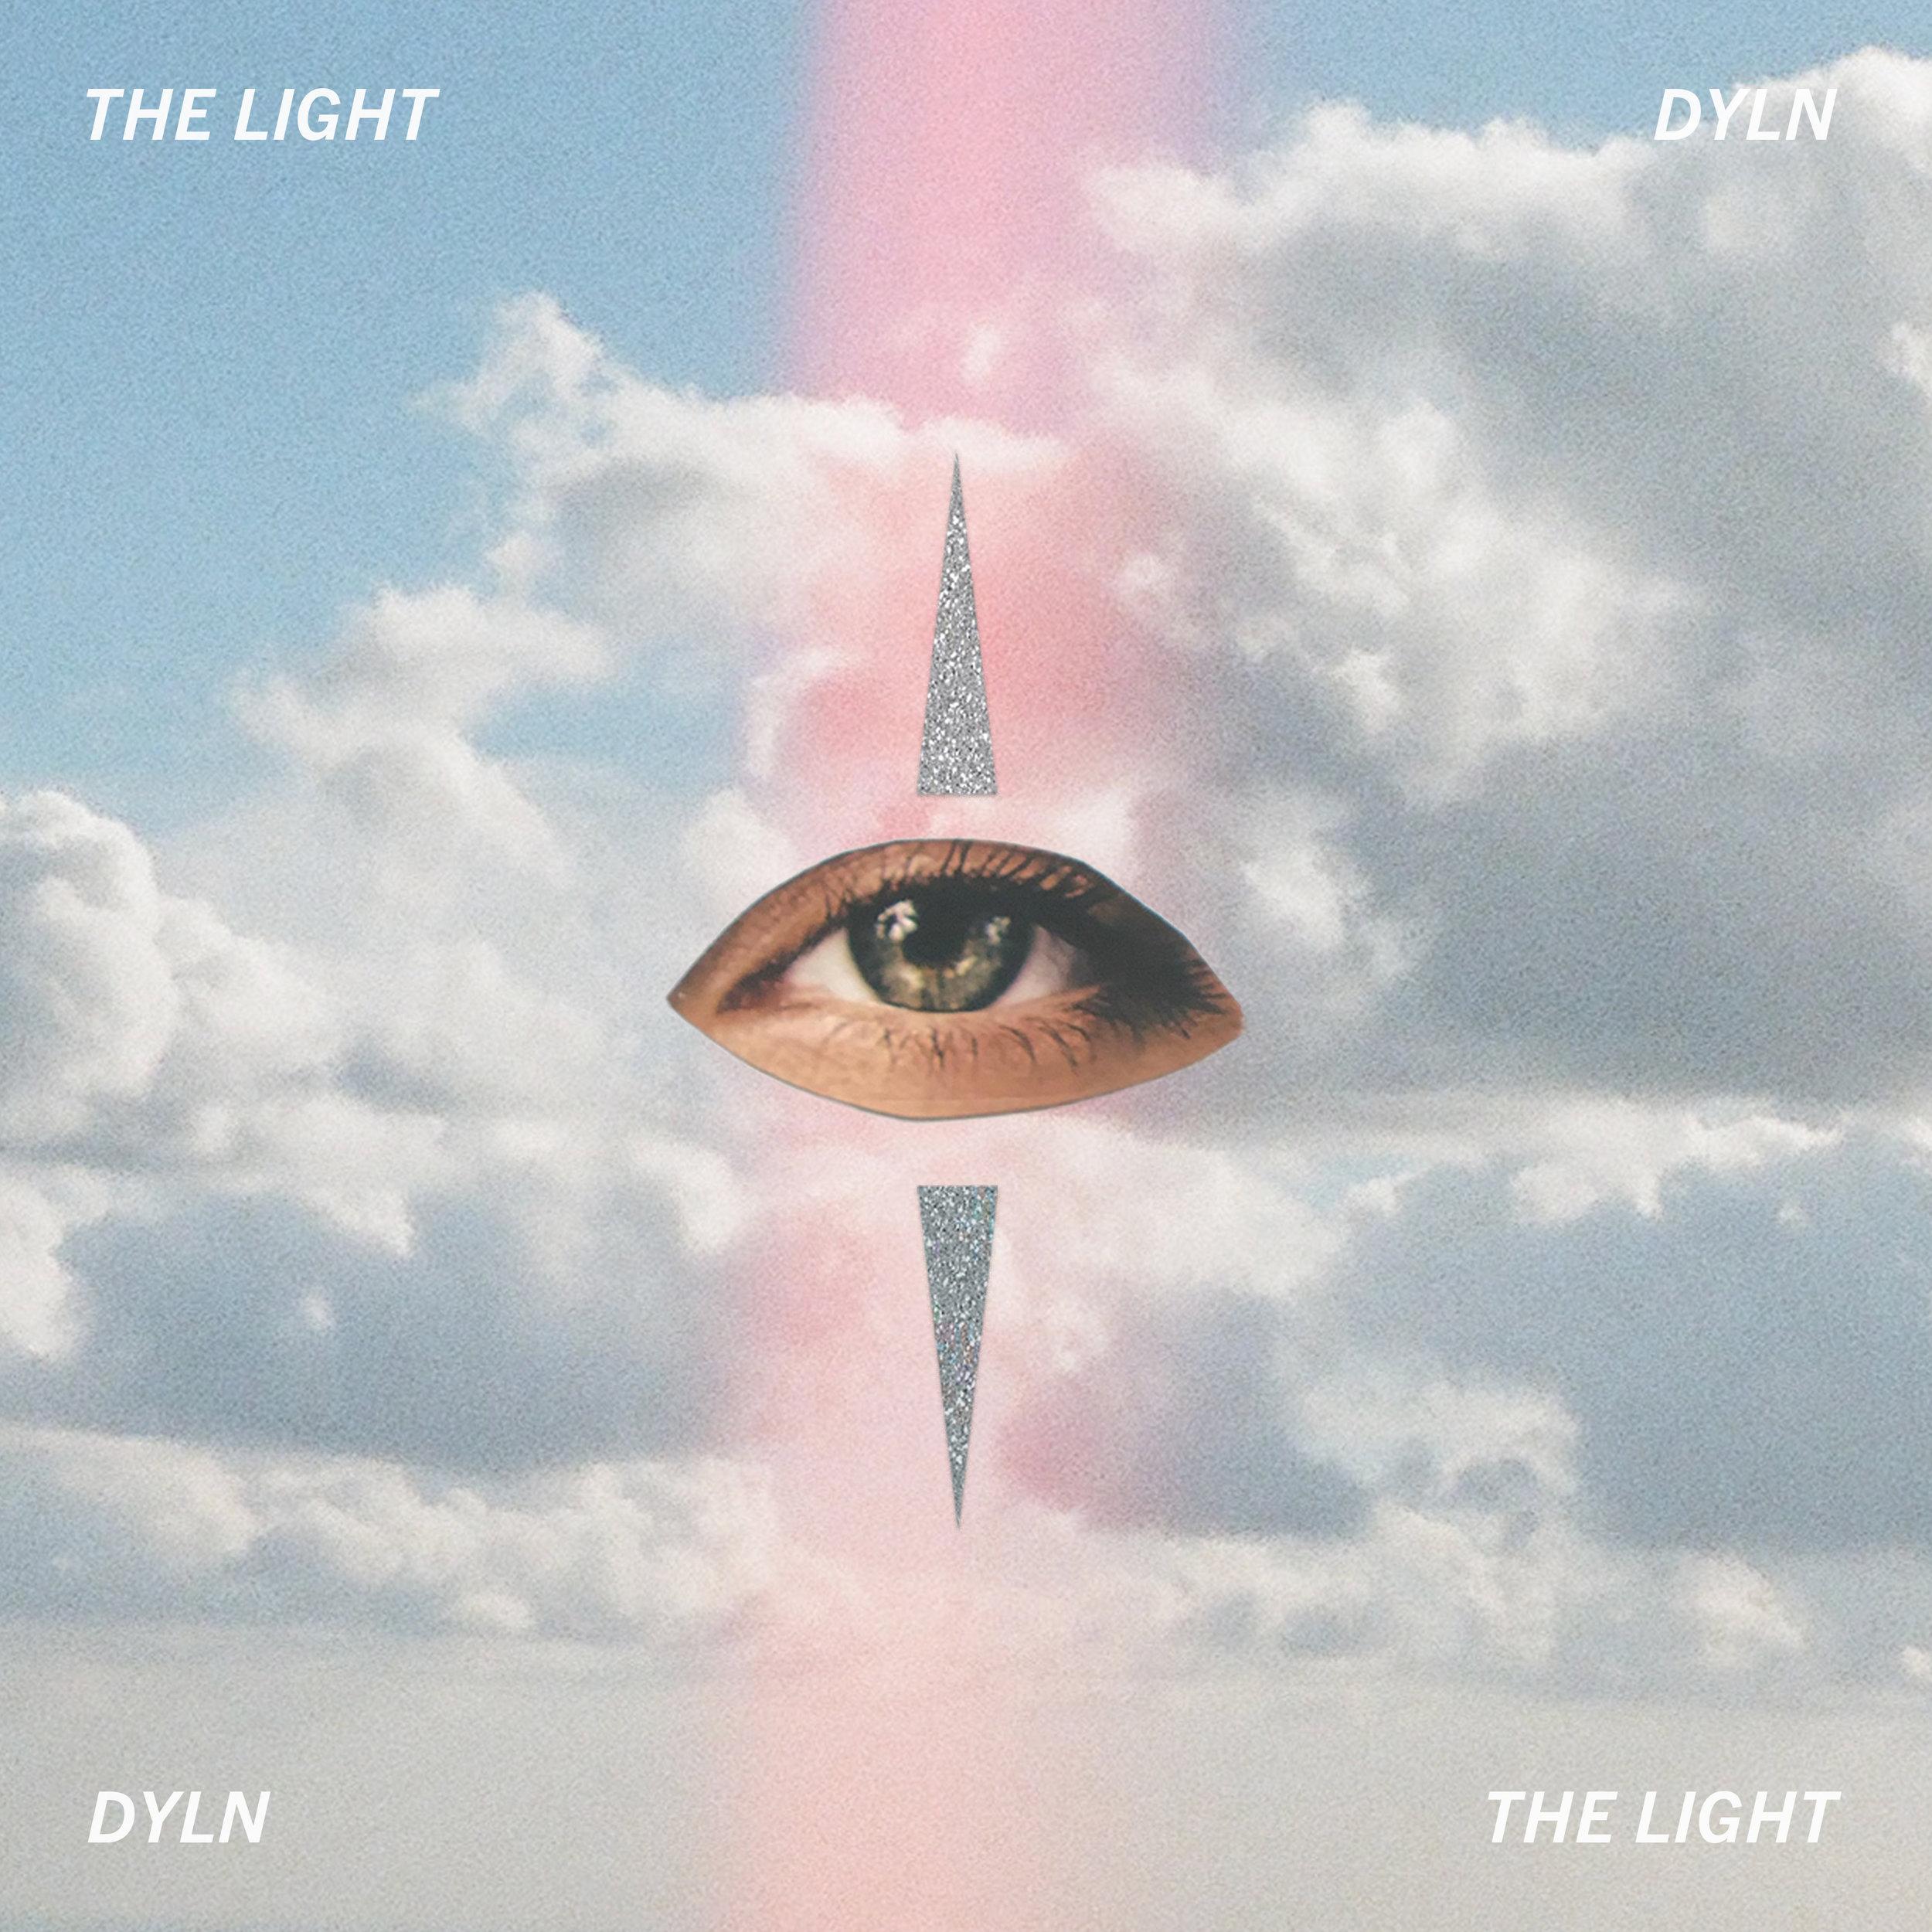 THE LIGHT SINGLE COVER ART